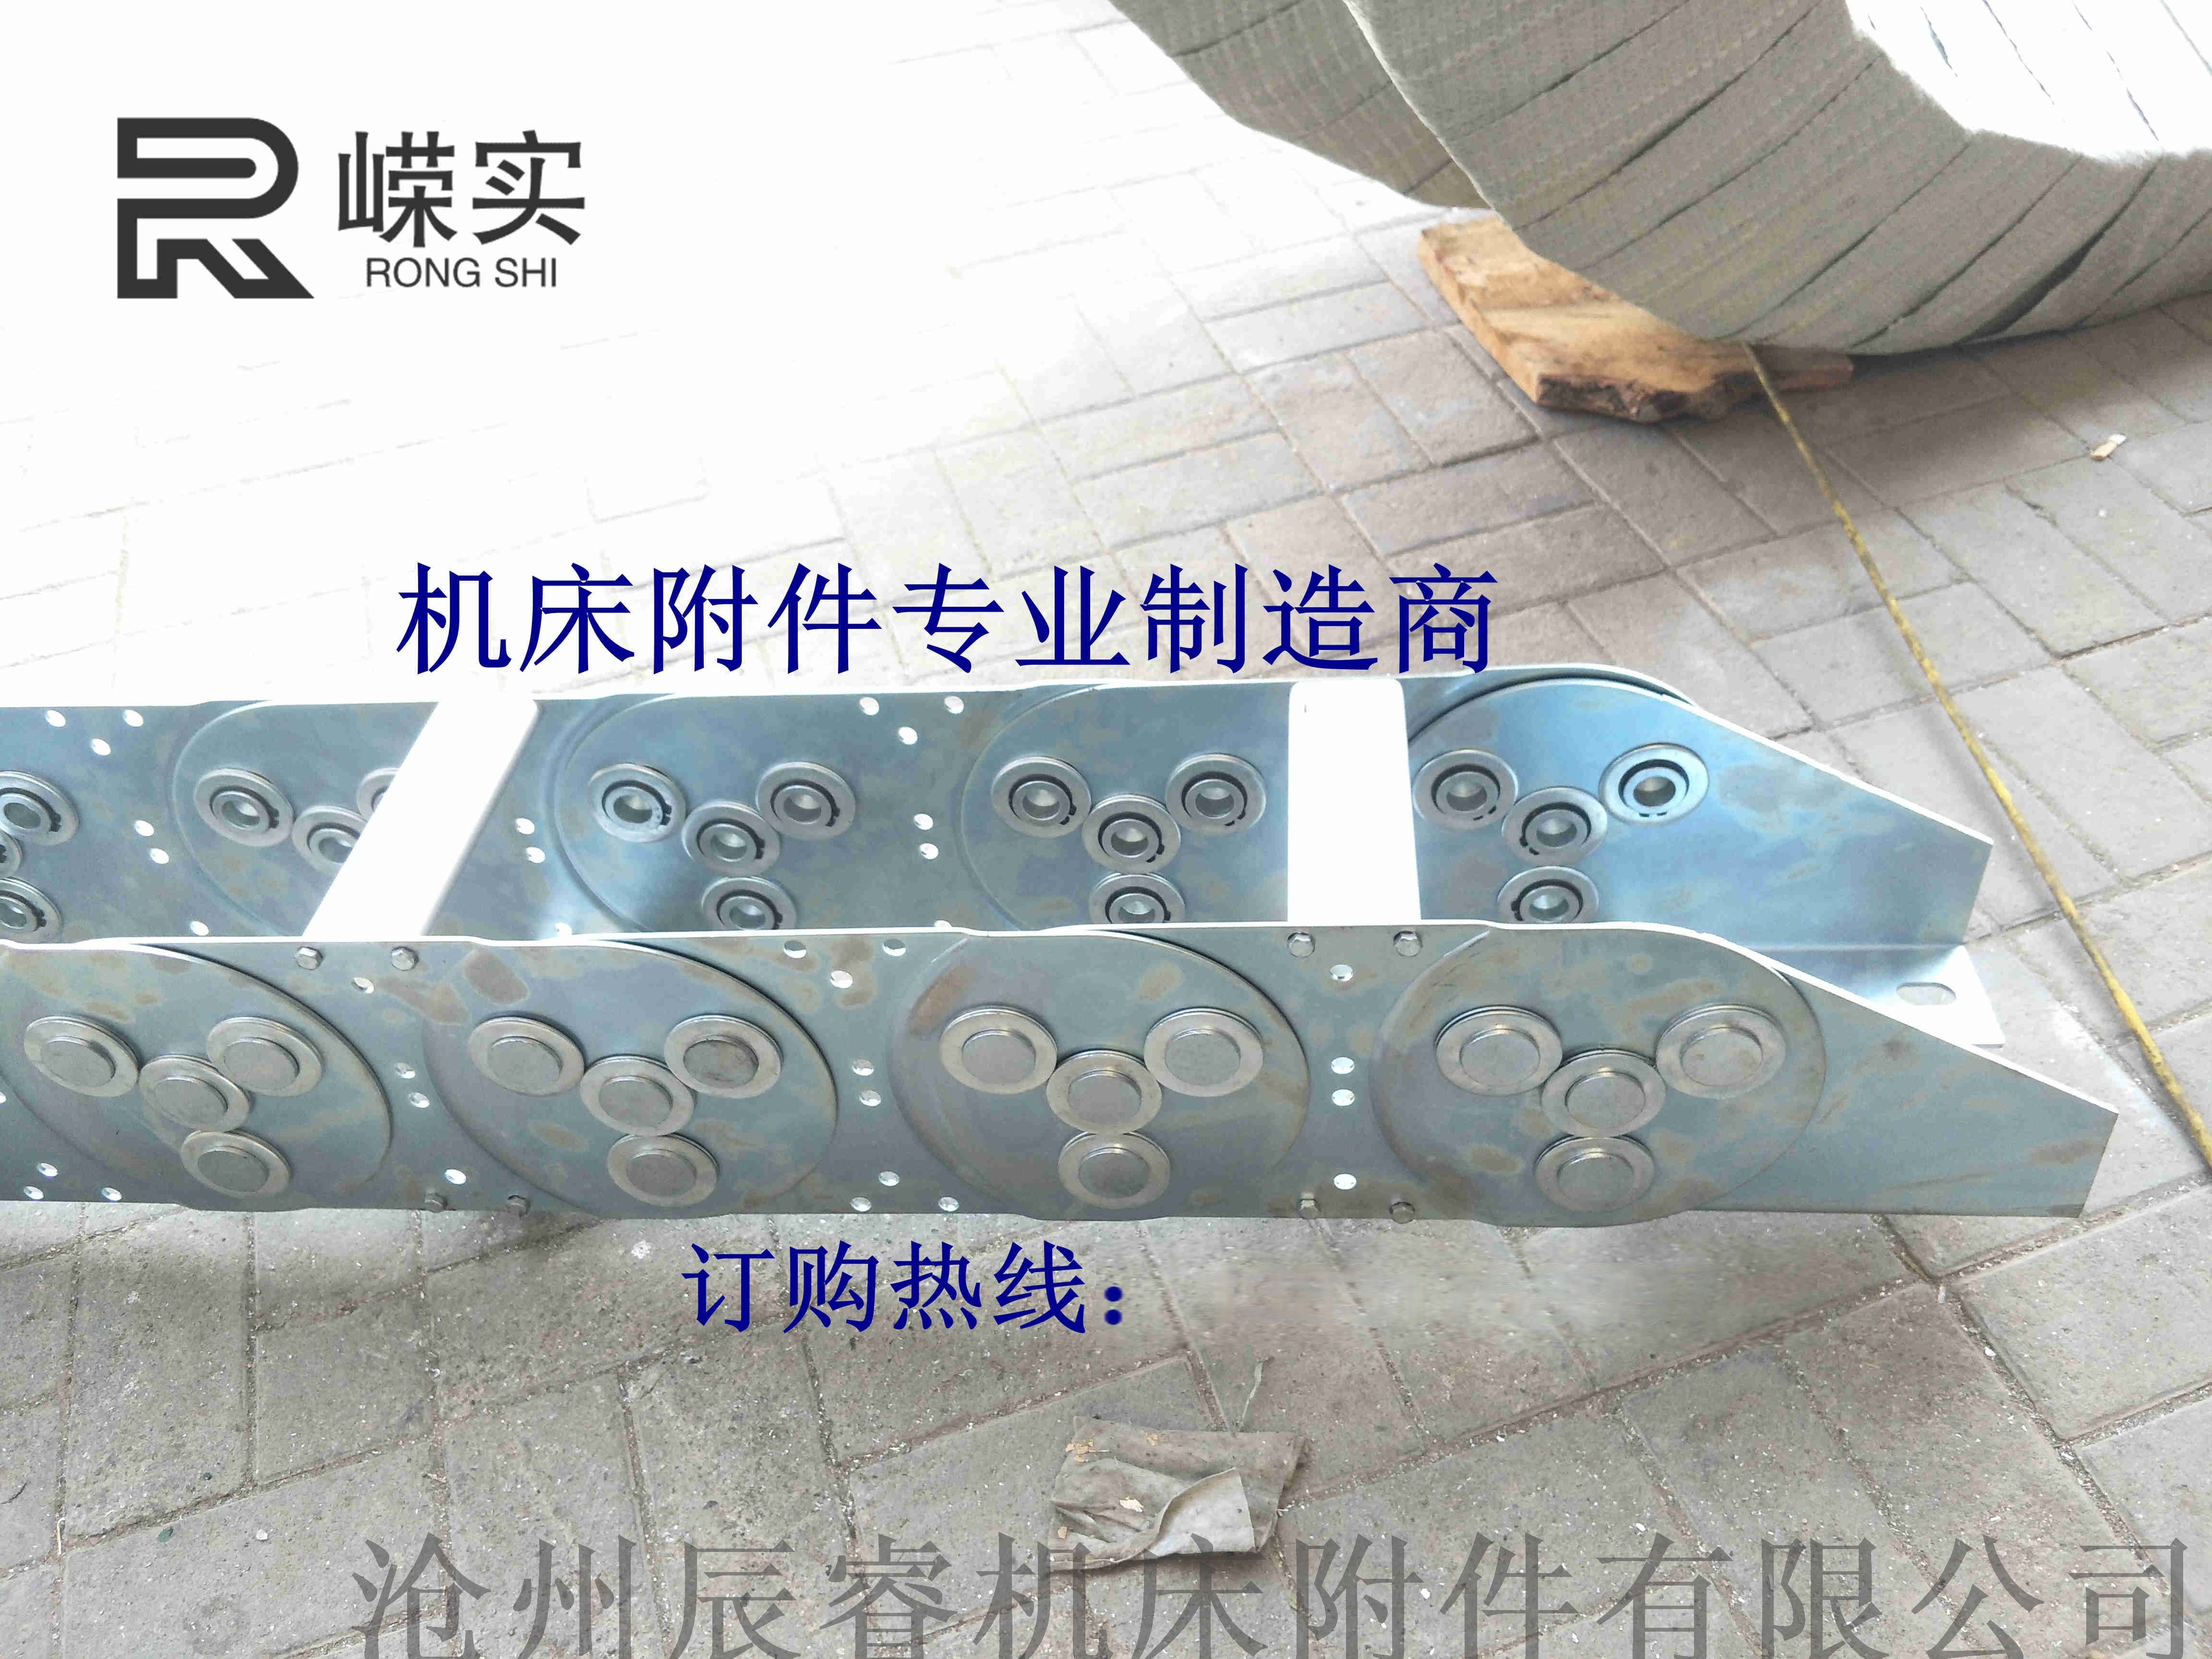 鋼廠鋼製金屬拖鏈 滄州辰睿金屬拖鏈123419845